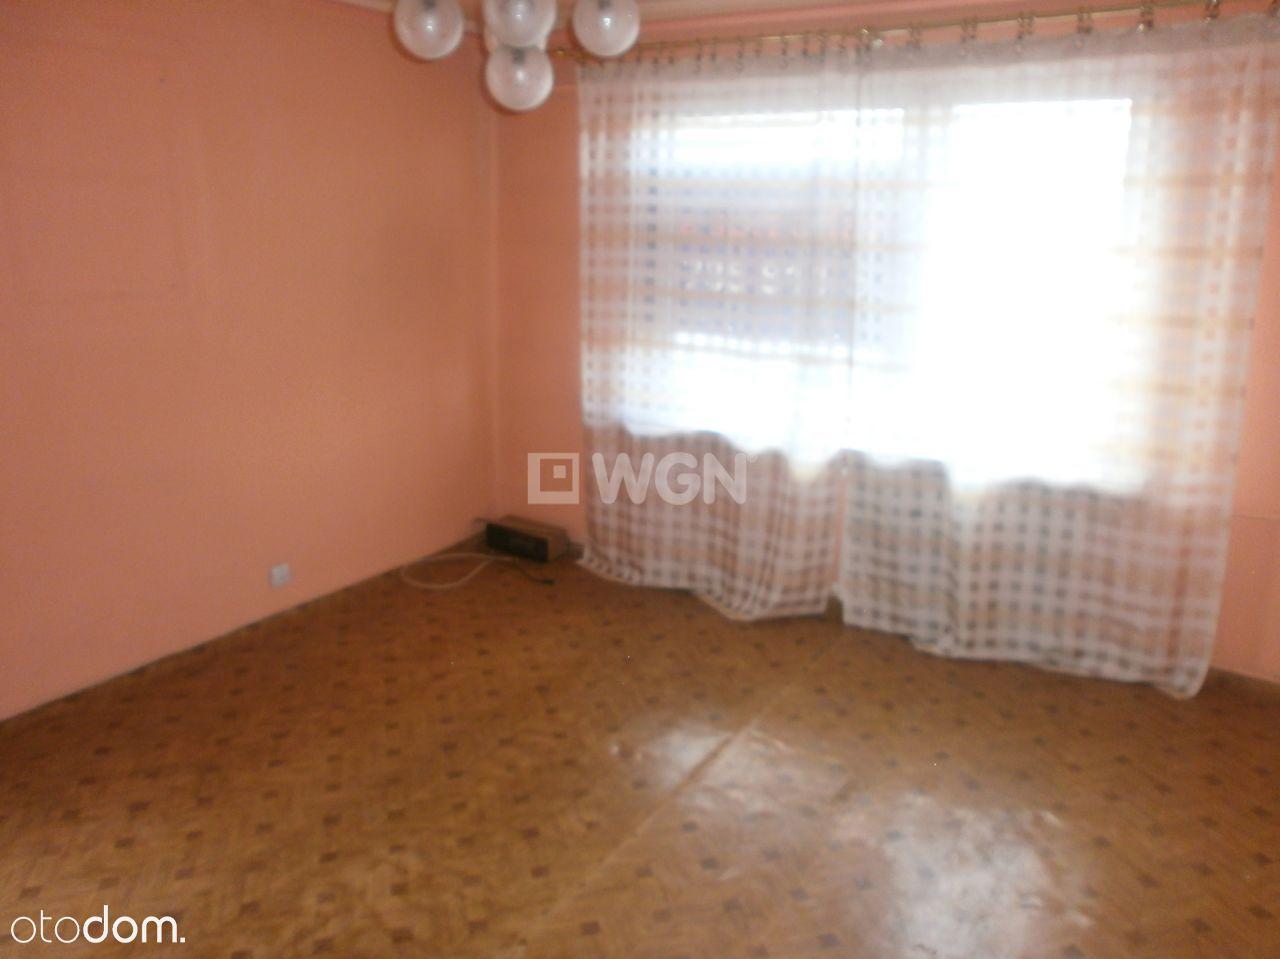 Mieszkanie na sprzedaż, Kłobuck, kłobucki, śląskie - Foto 1